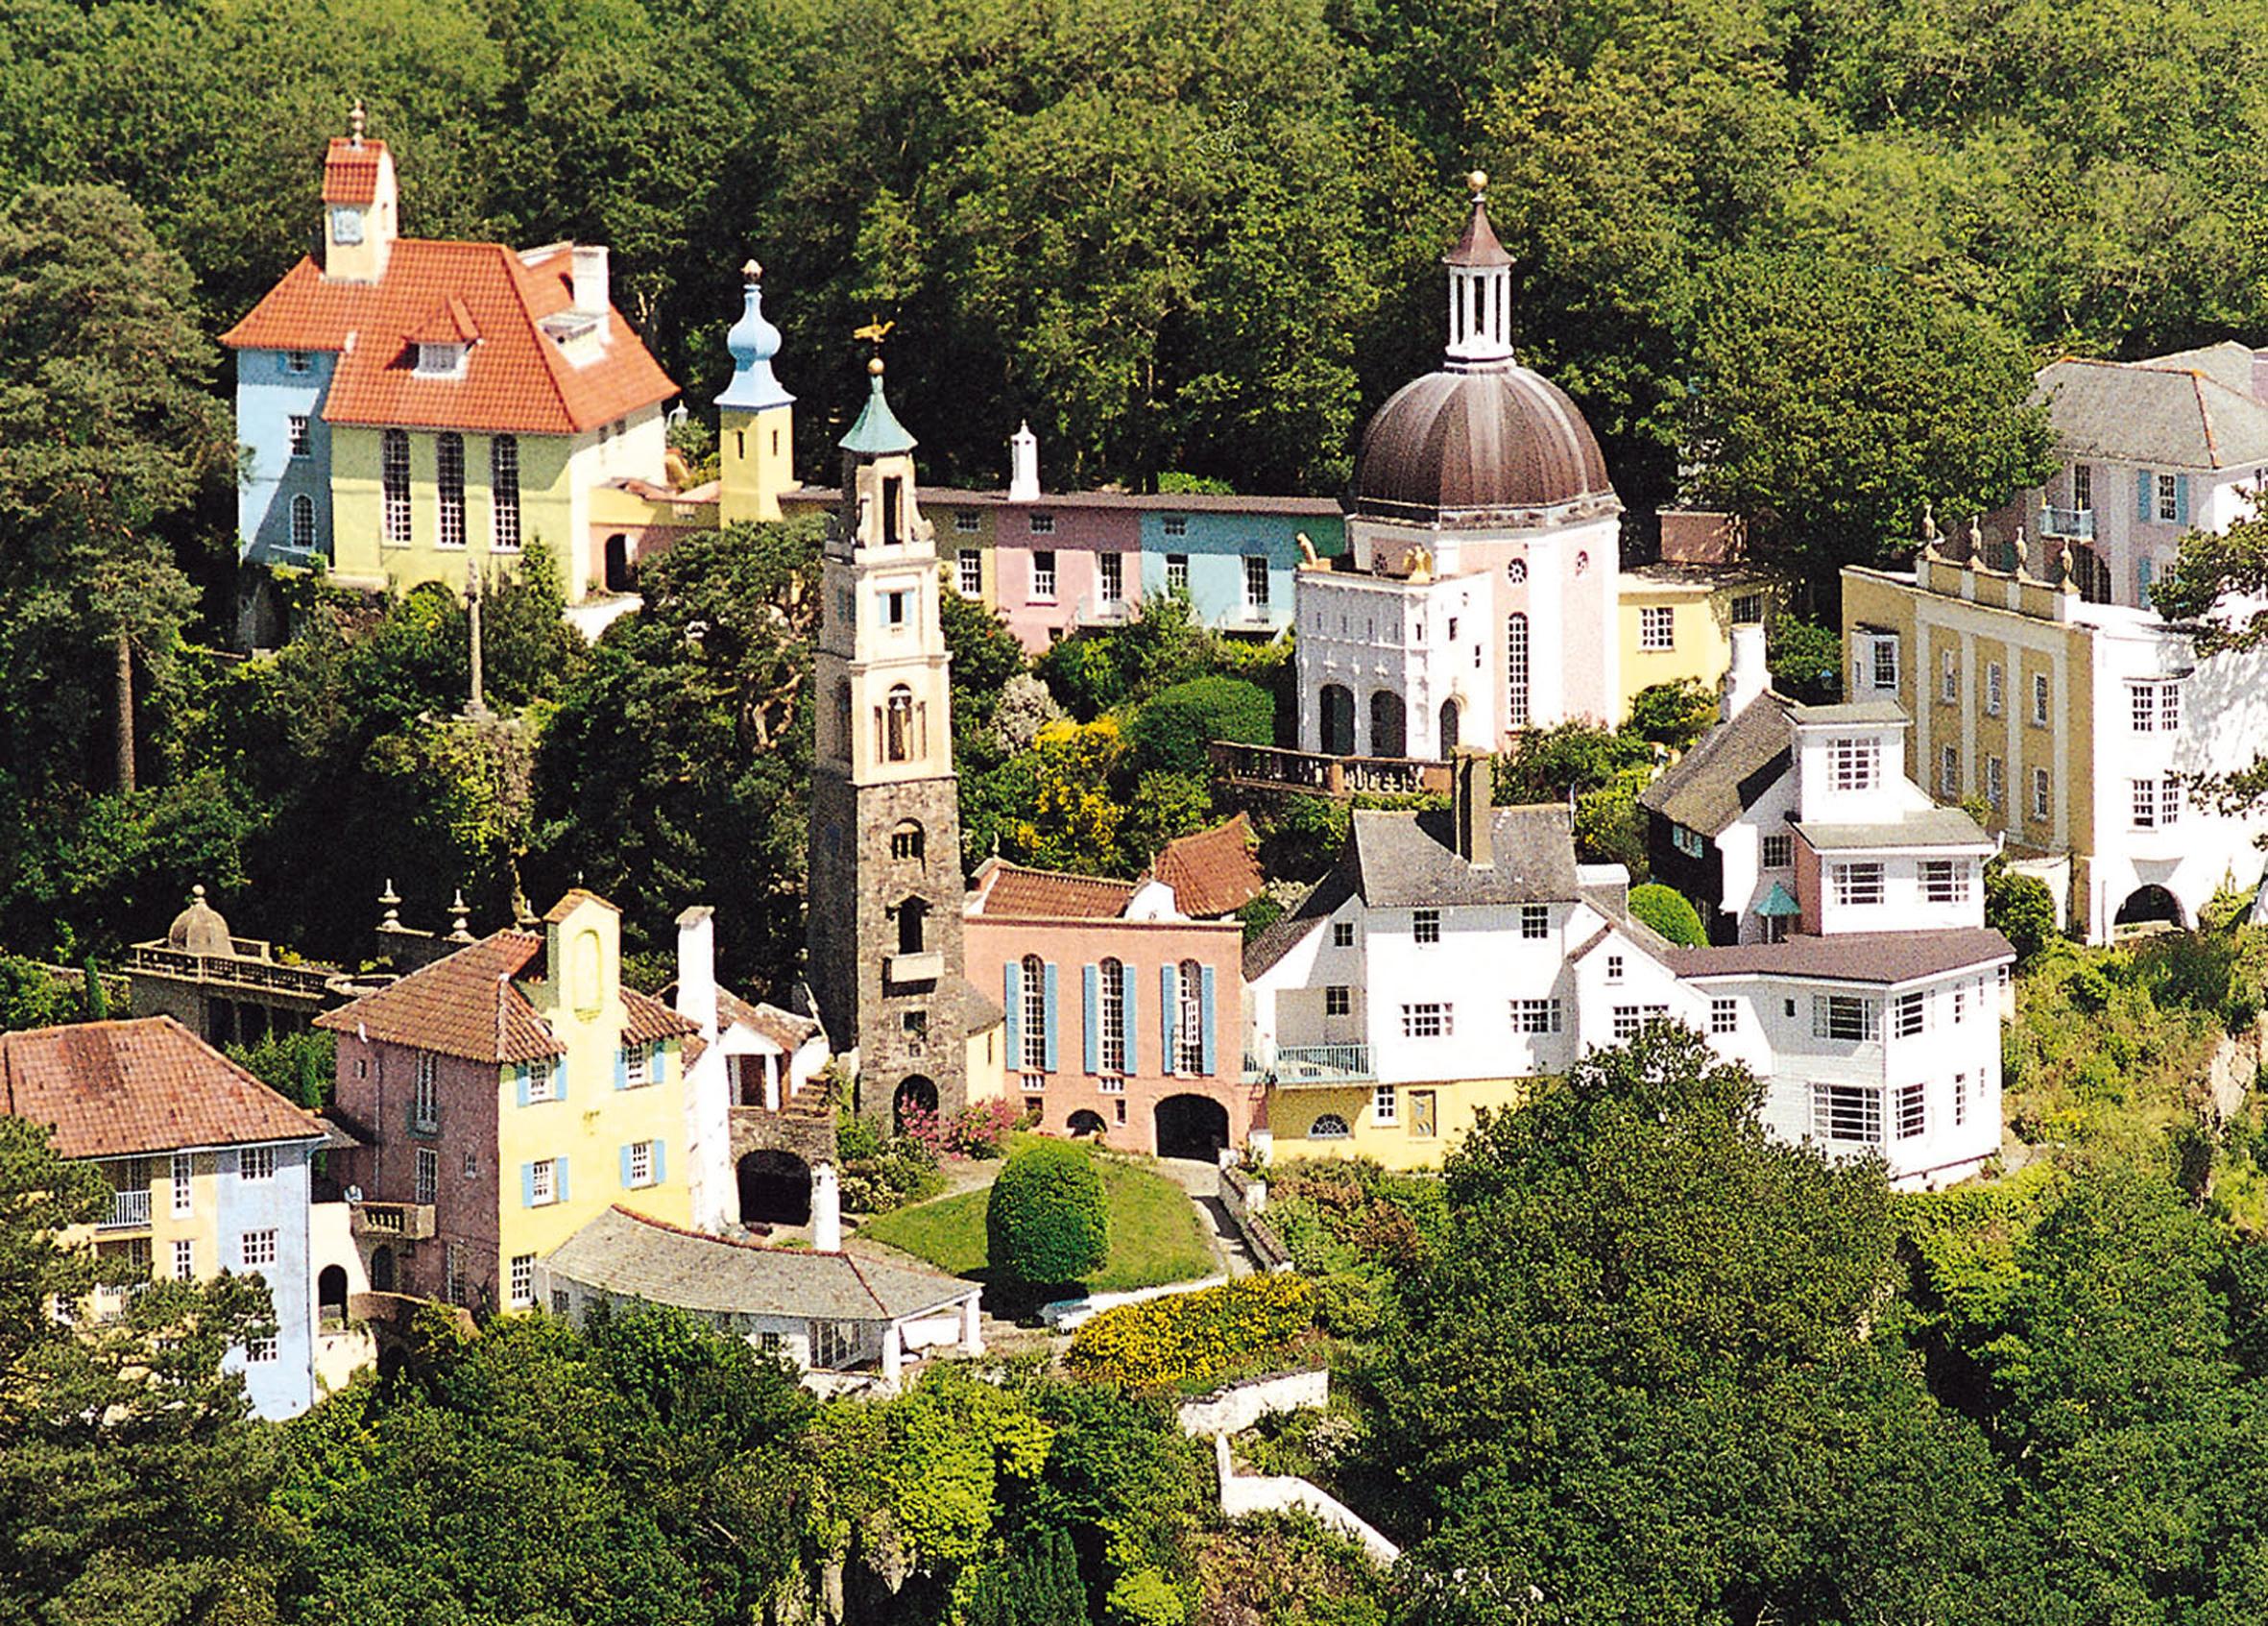 aerialviewofvillage